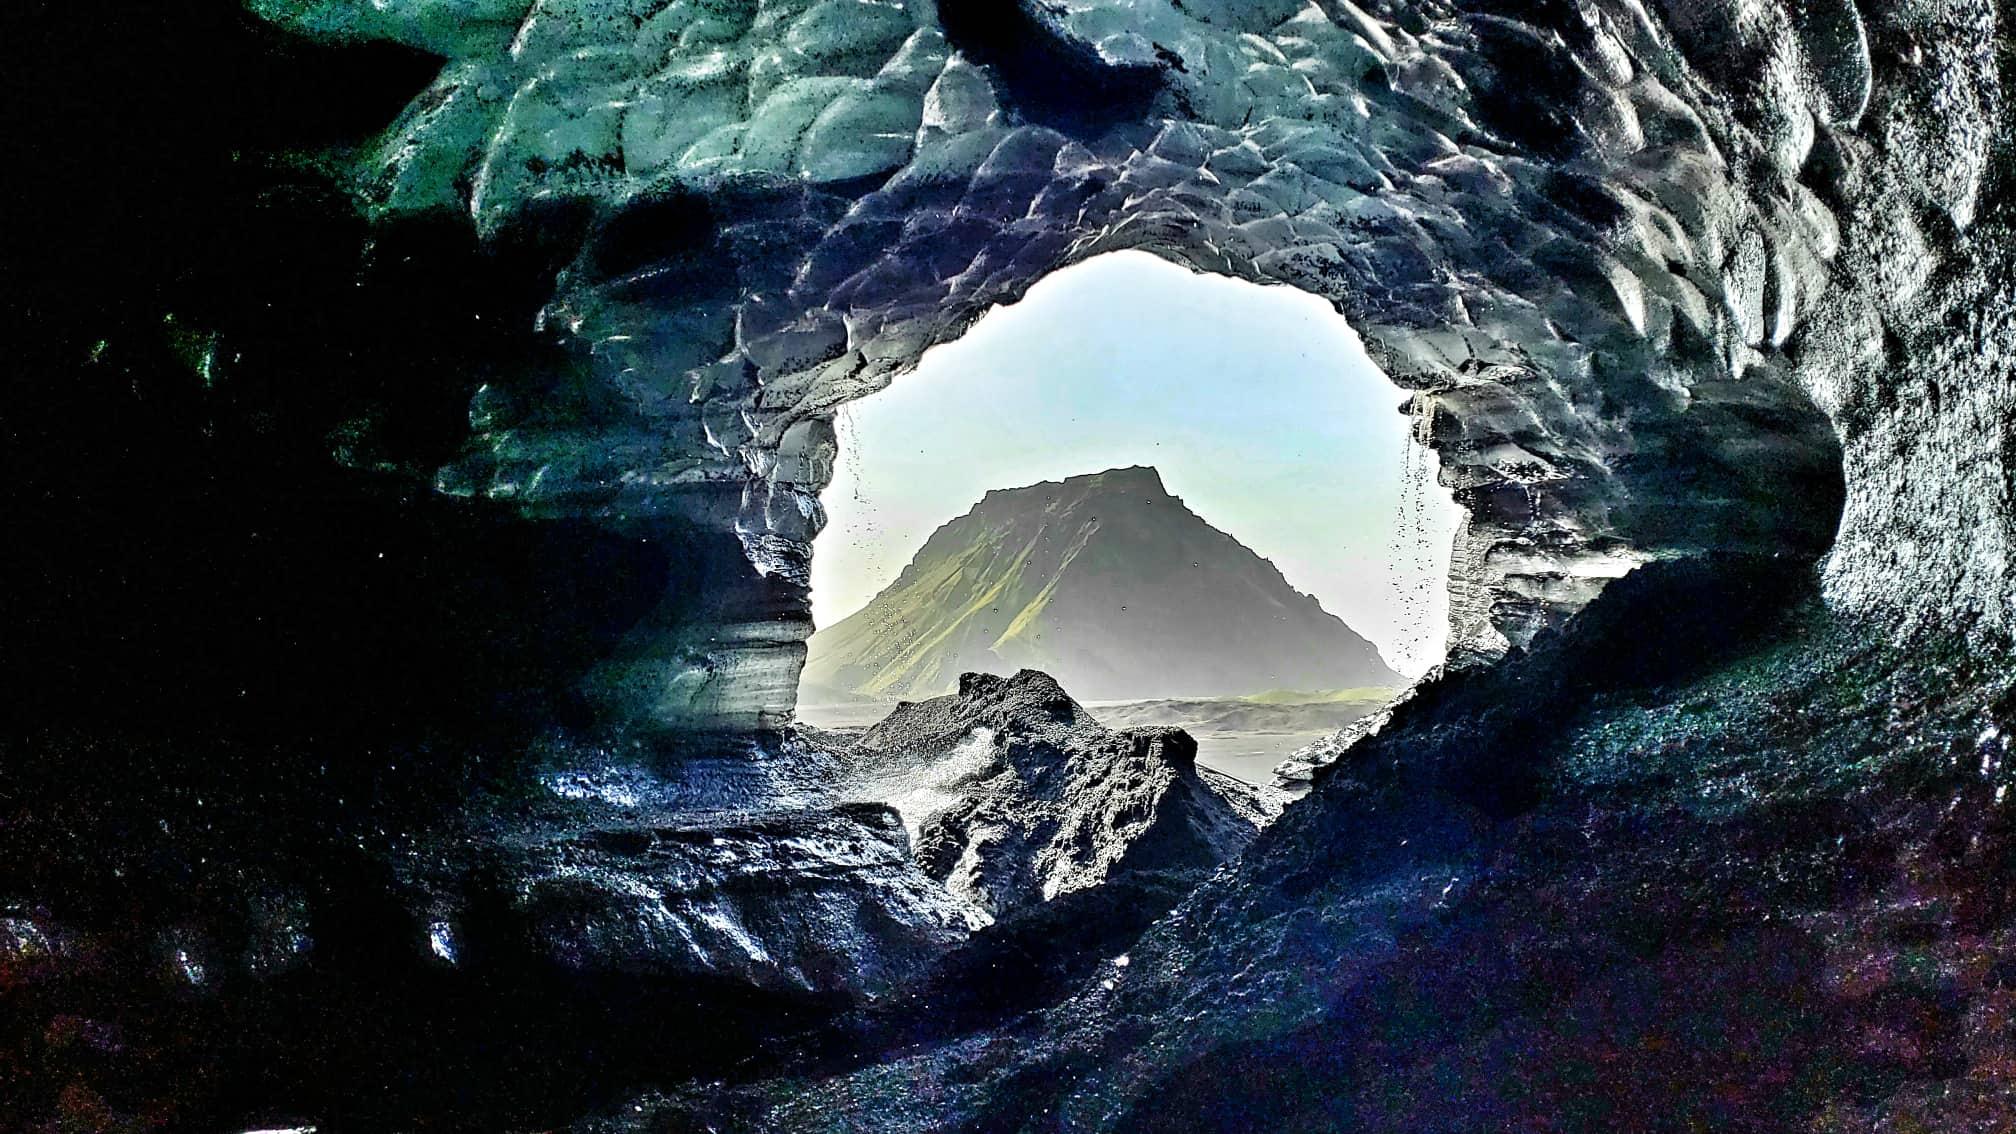 ถ้ำน้ำแข็งคัทลาเป็นหนึ่งในถ้ำน้ำแข็งที่ก่อตัวขึ้นเองตามธรรมชาติในธารน้ำแข็งของไอซ์แลนด์